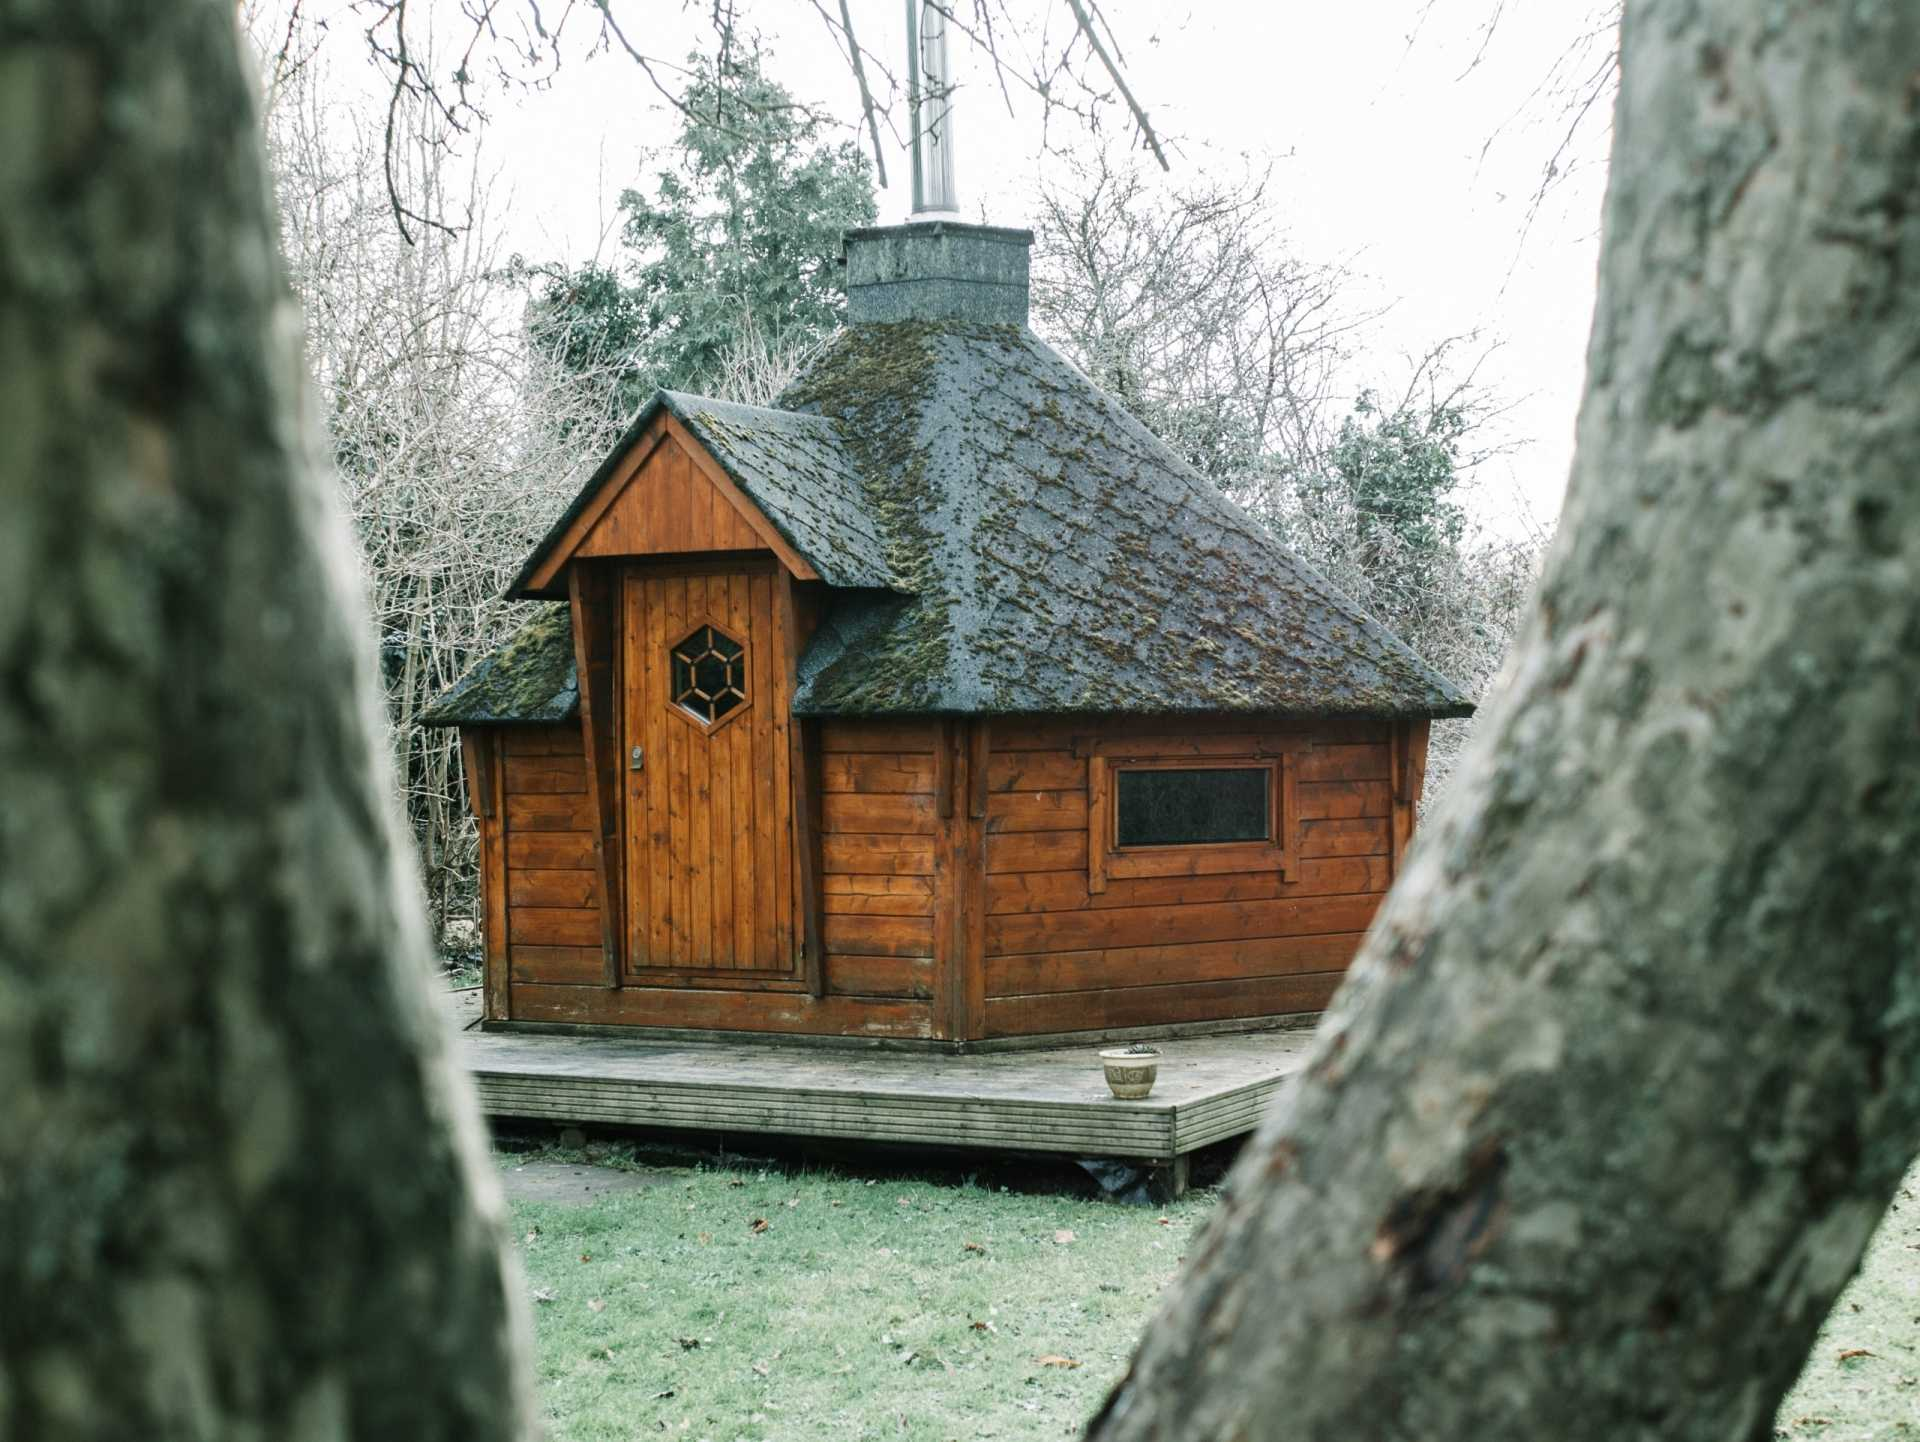 Die Sauna im heimischen Garten: Tipps rund um das eigene Saunahaus